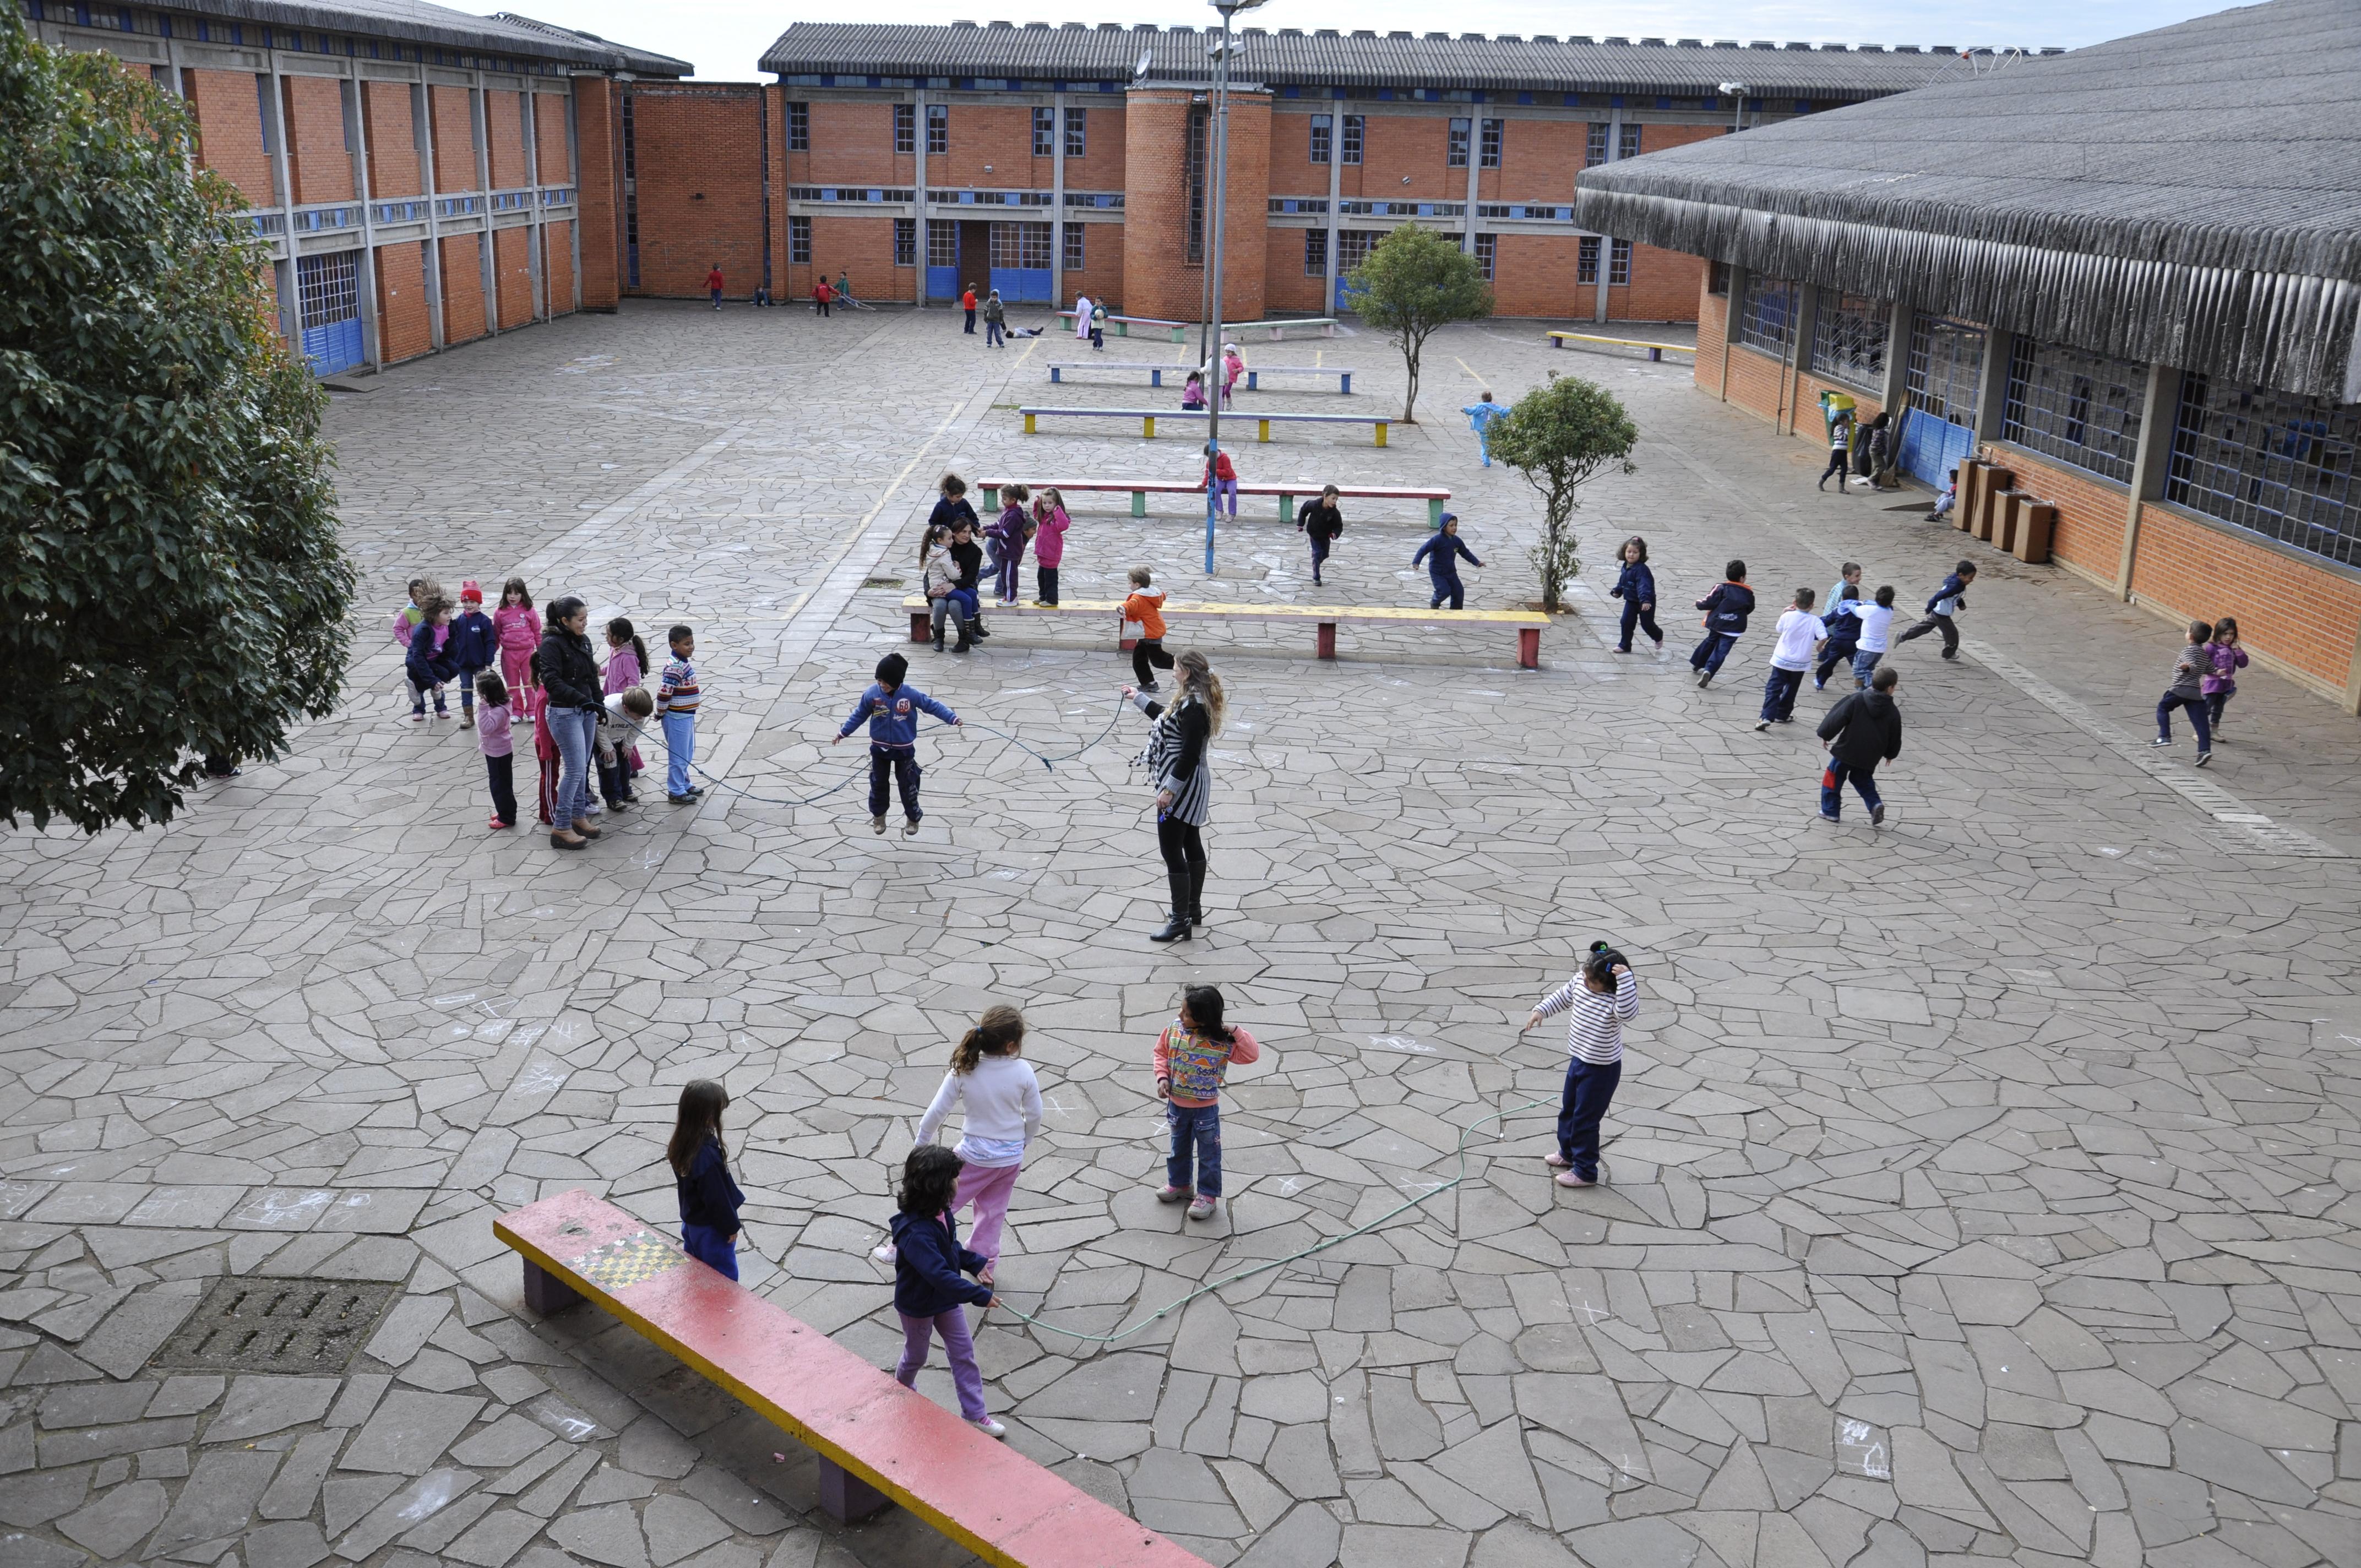 Em pátio amplo escolar, crianças brincam de pular corda e pega-pega divididas em grupos. O dia está nublado e no espaço há bancos compridos e coloridos.